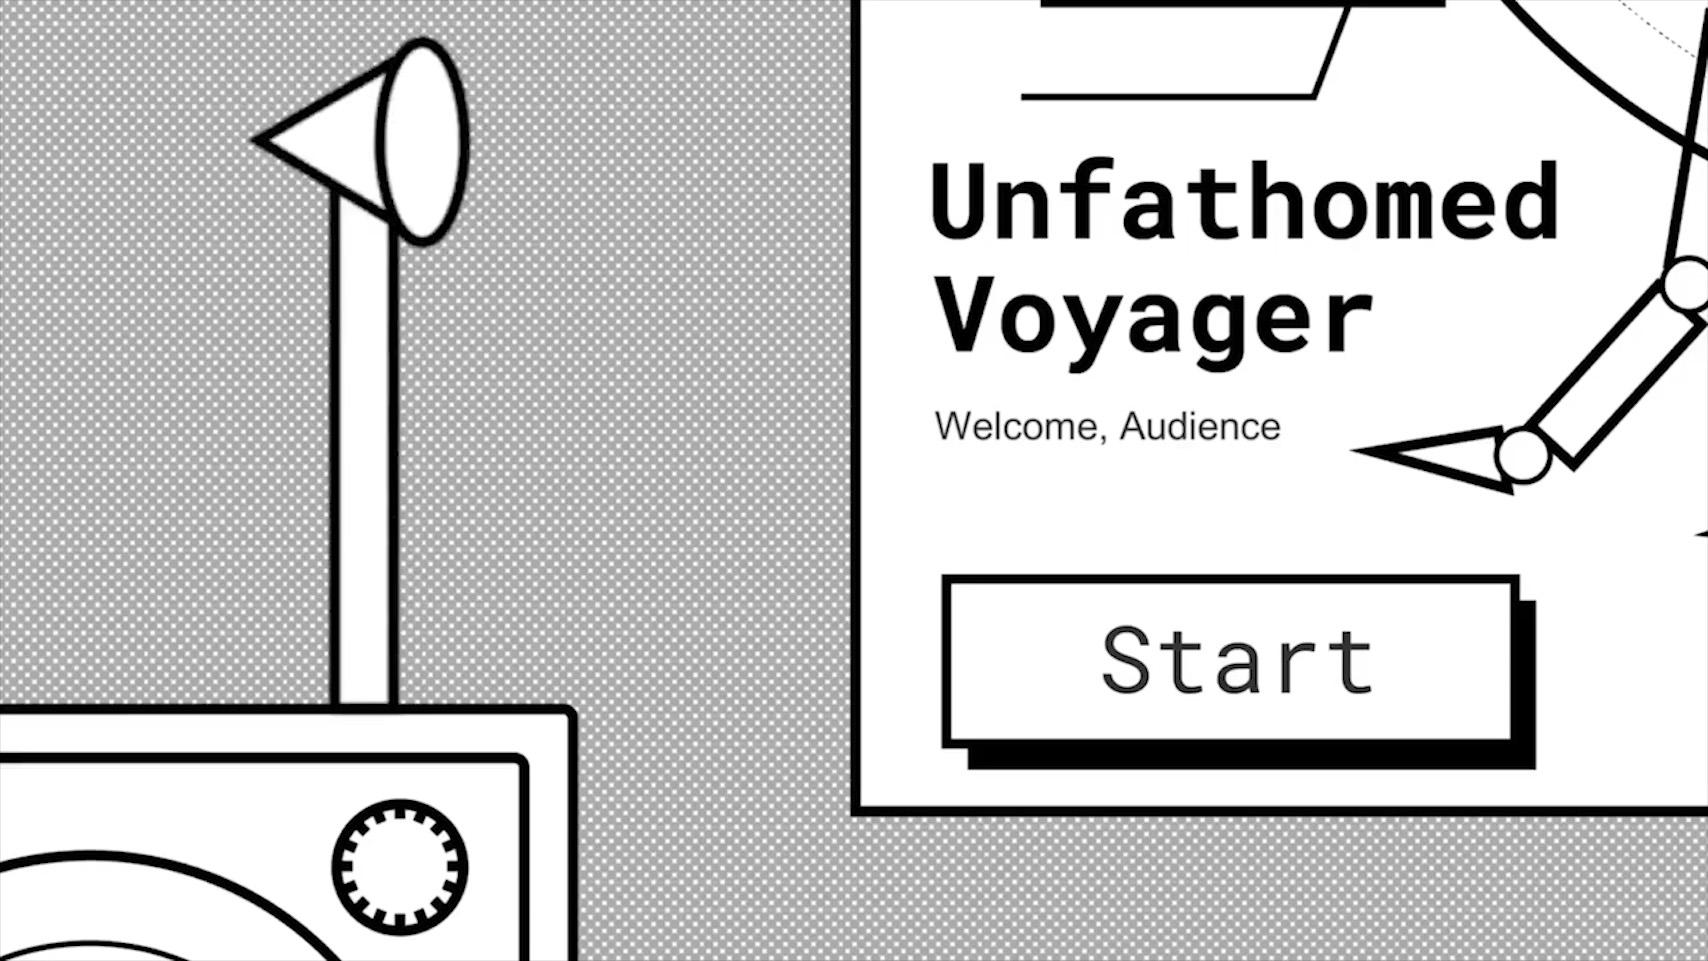 Unfathomed Voyager